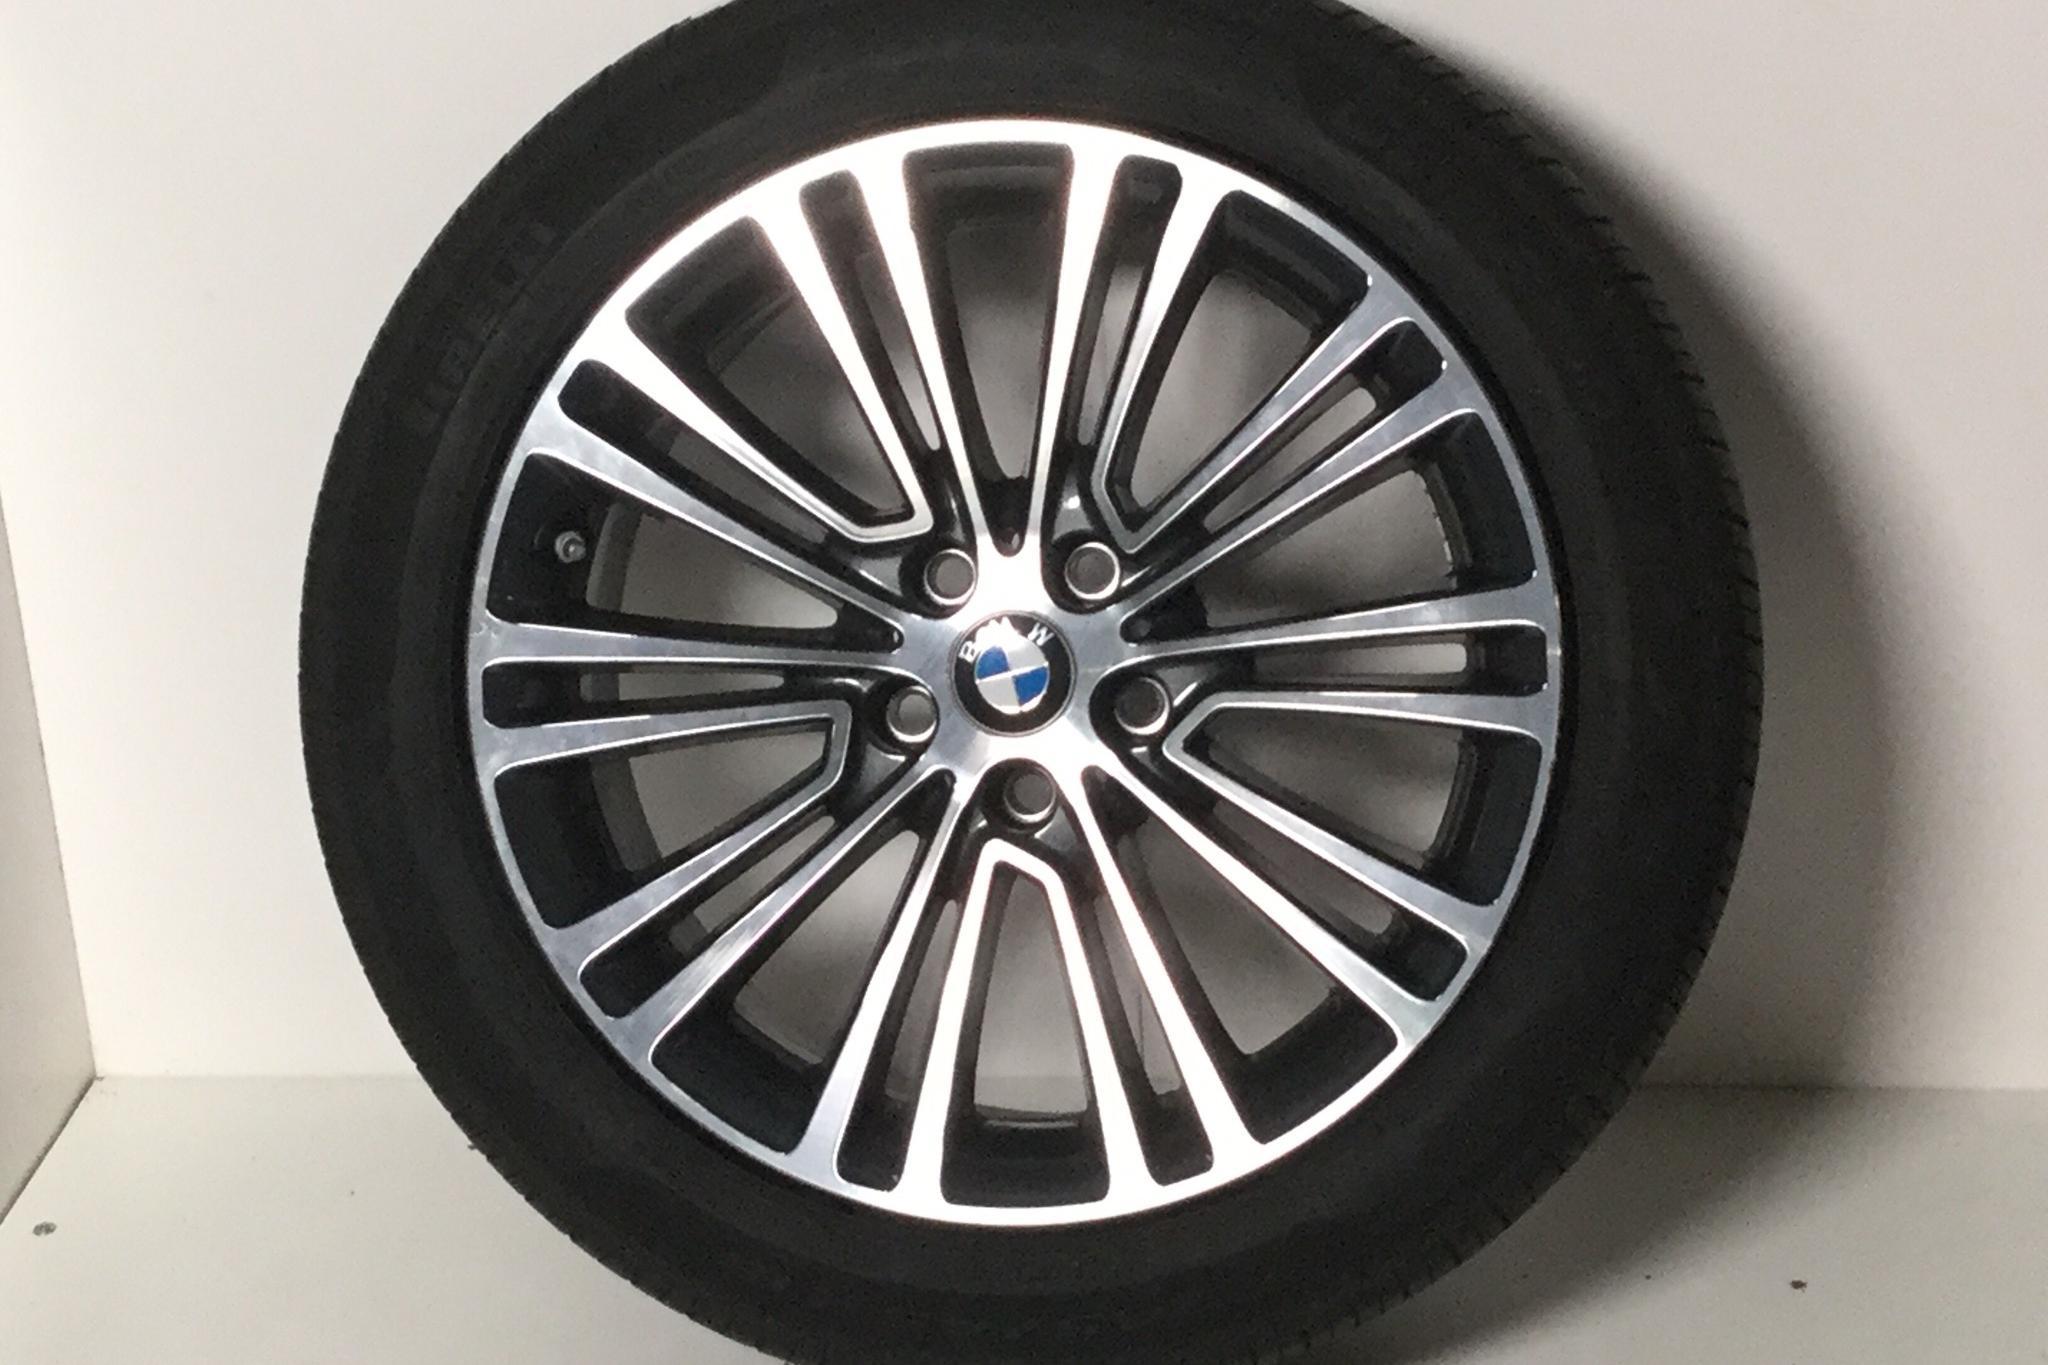 BMW 520d xDrive Touring, G31 (190hk) - 108 720 km - Automatic - black - 2018